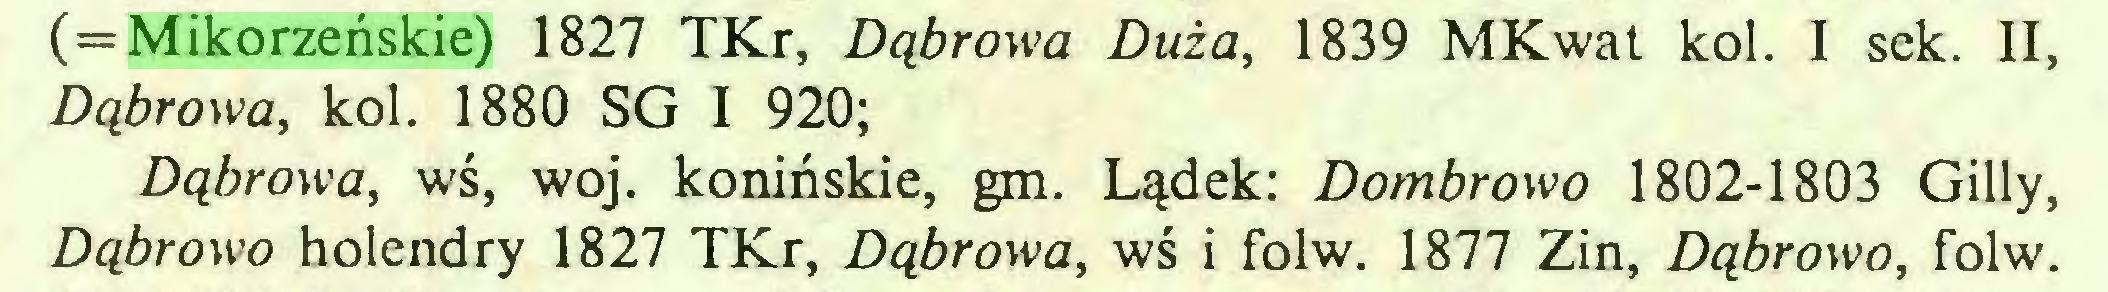 (...) ( = Mikorzeńskie) 1827 TKr, Dąbrowa Duża, 1839 MKwat kol. I sek. II, Dąbrowa, kol. 1880 SG I 920; Dąbrowa, wś, woj. konińskie, gm. Lądek: Dombrowo 1802-1803 Gilly, Dąbrowo holendry 1827 TKr, Dąbrowa, wś i folw. 1877 Zin, Dąbrowo, folw...